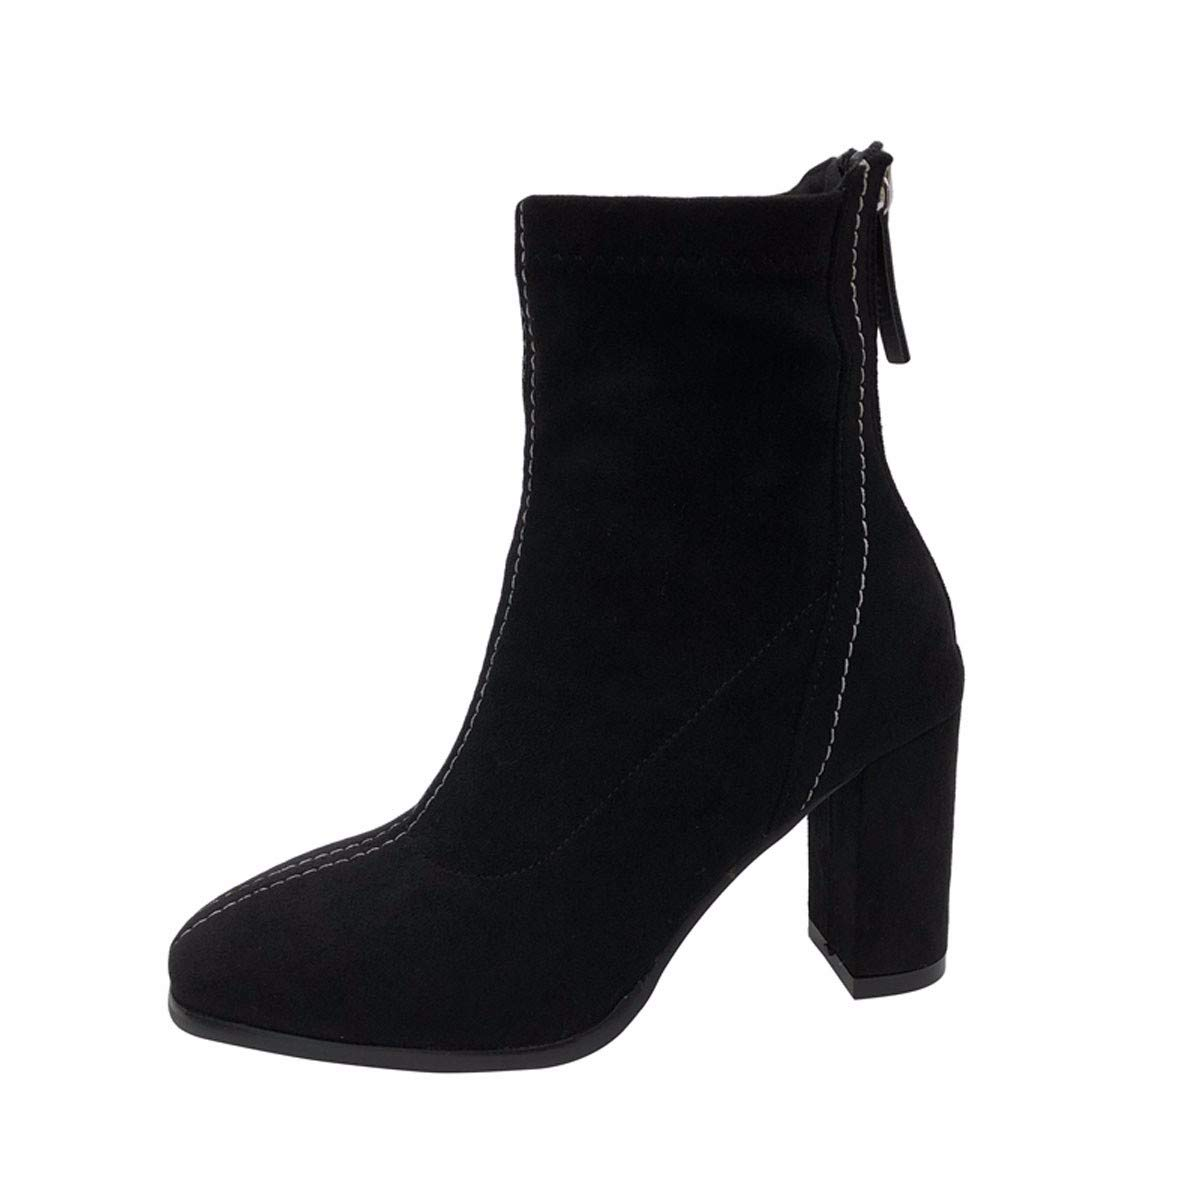 HBDLH Damenschuhe Ferse Mit Hohen 8Cm Komfortable Bestickten Faden Hinten Reißverschluss Kurze Stiefel.